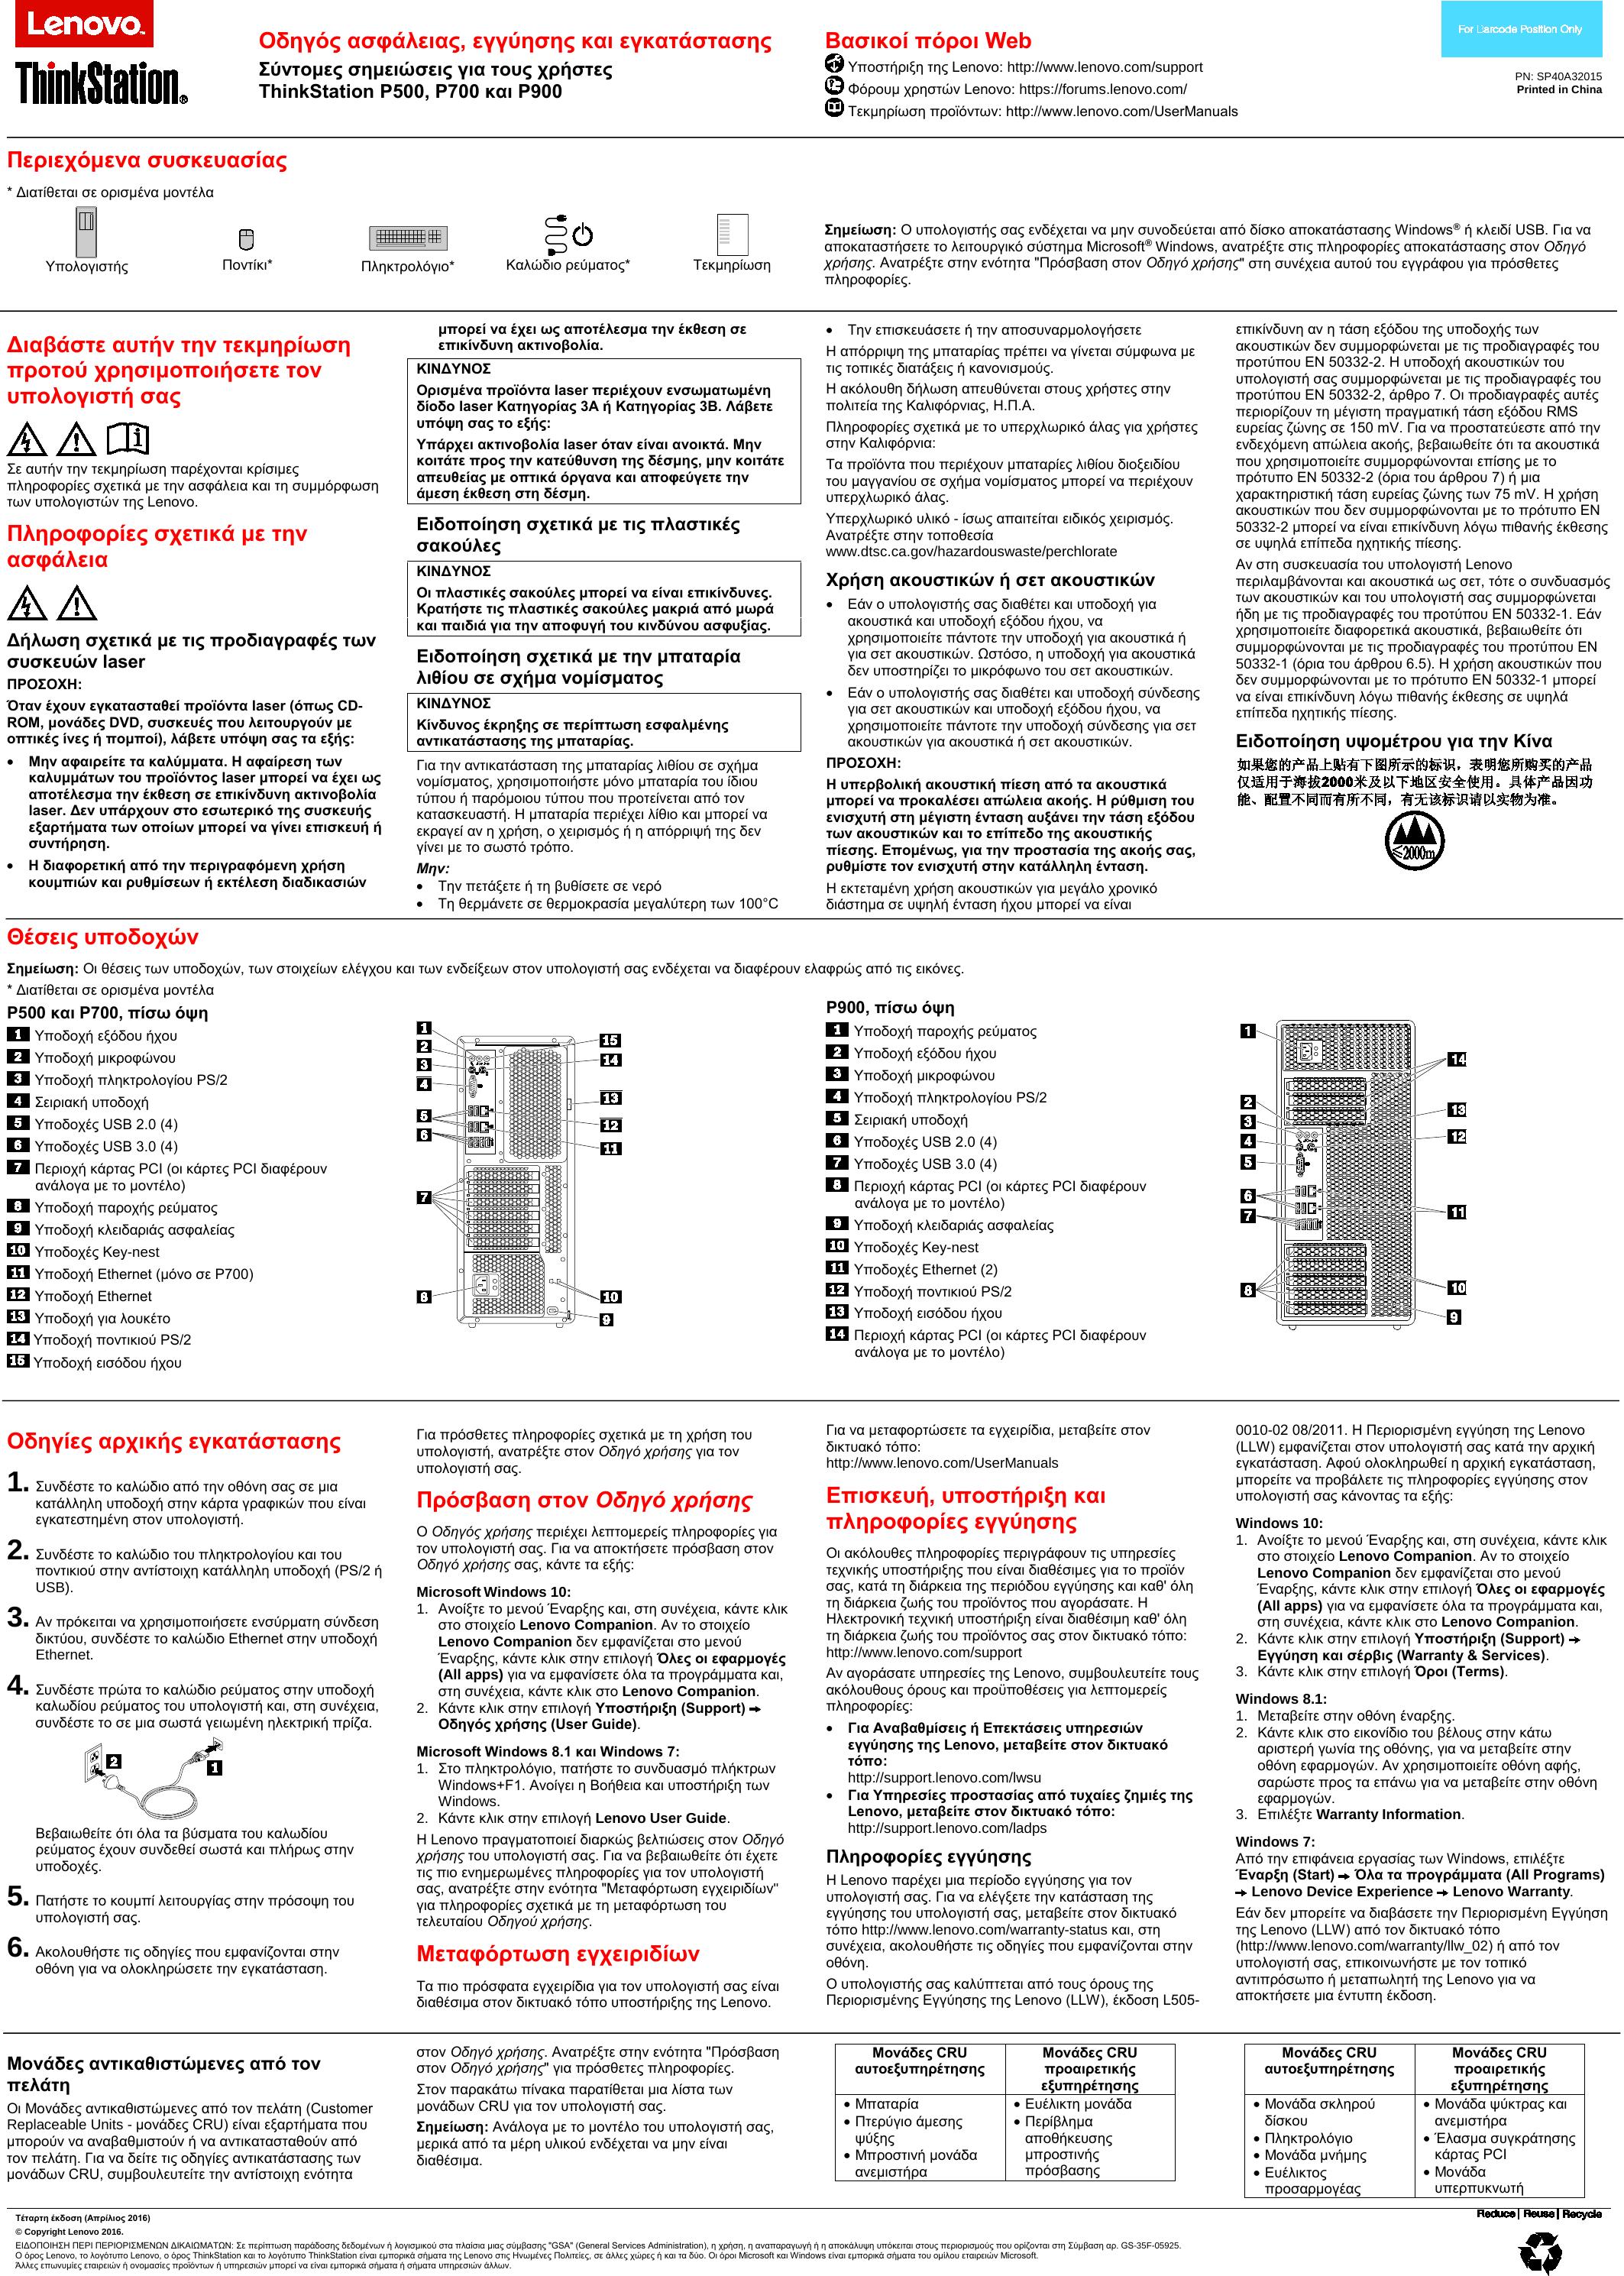 User's manual nikon coolpix p500   nikon coolpix p500, nikon.